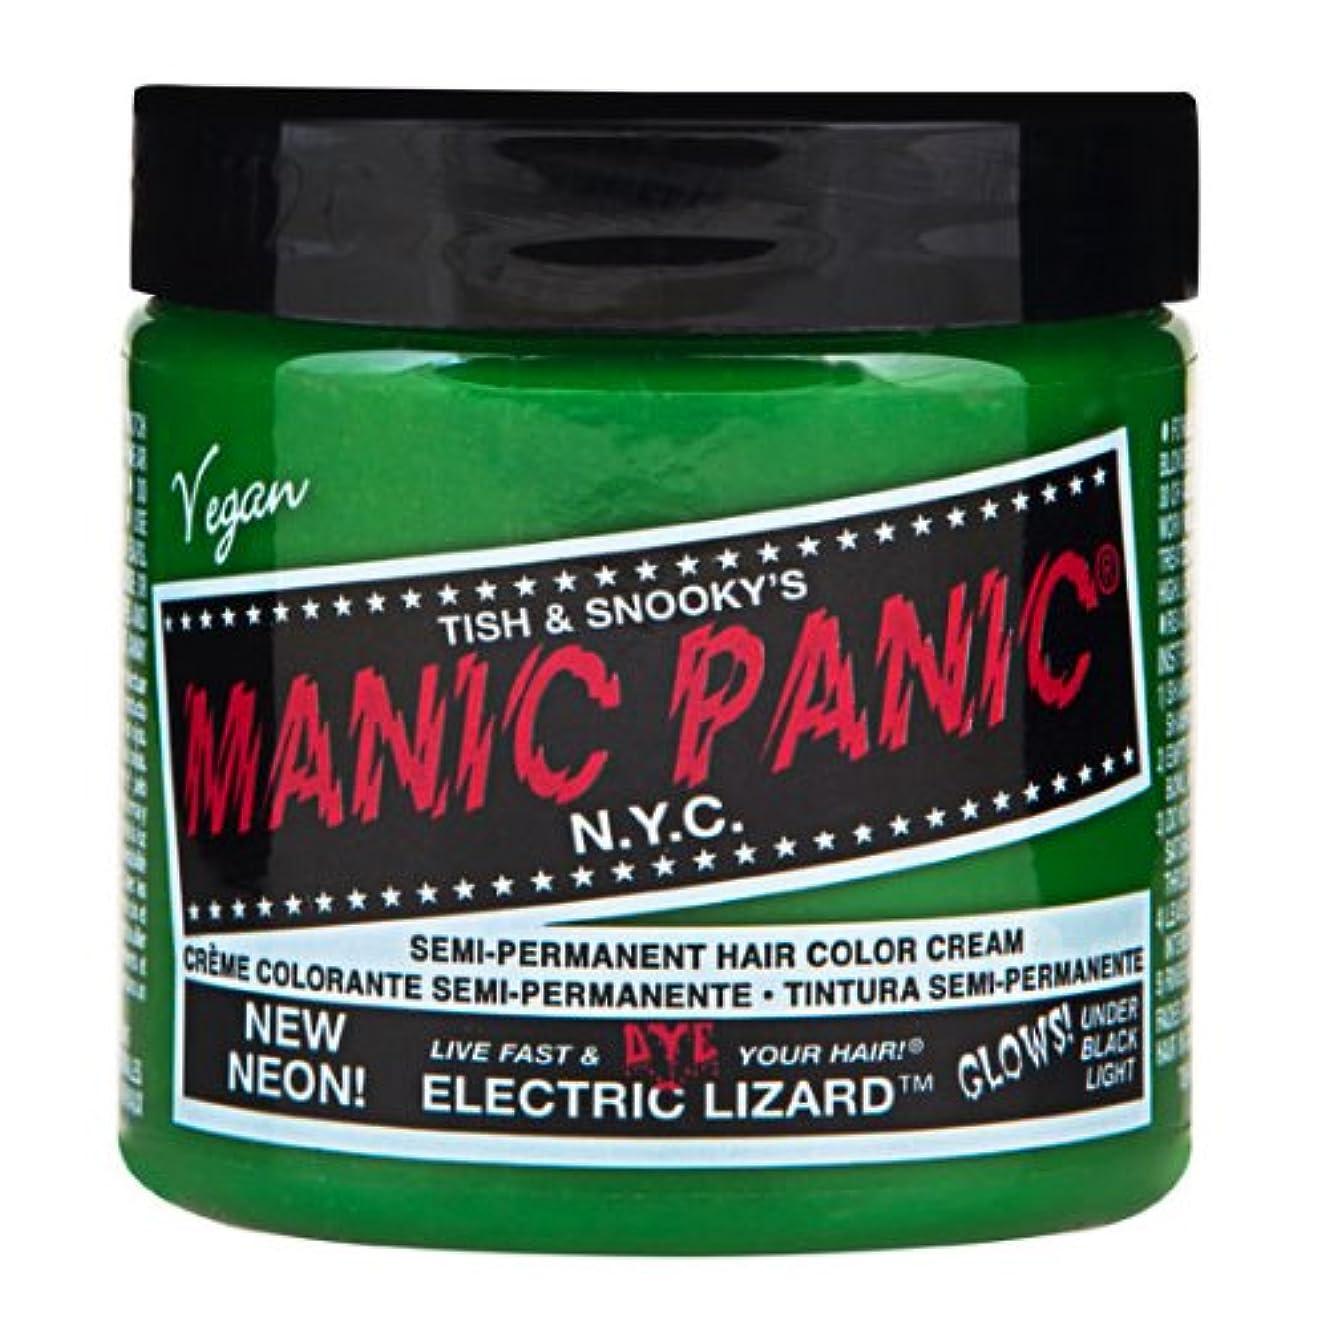 利用可能教師の日浮浪者スペシャルセットMANIC PANICマニックパニック:Electric Lizard (エレクトリック?リザード)+ヘアカラーケア4点セット